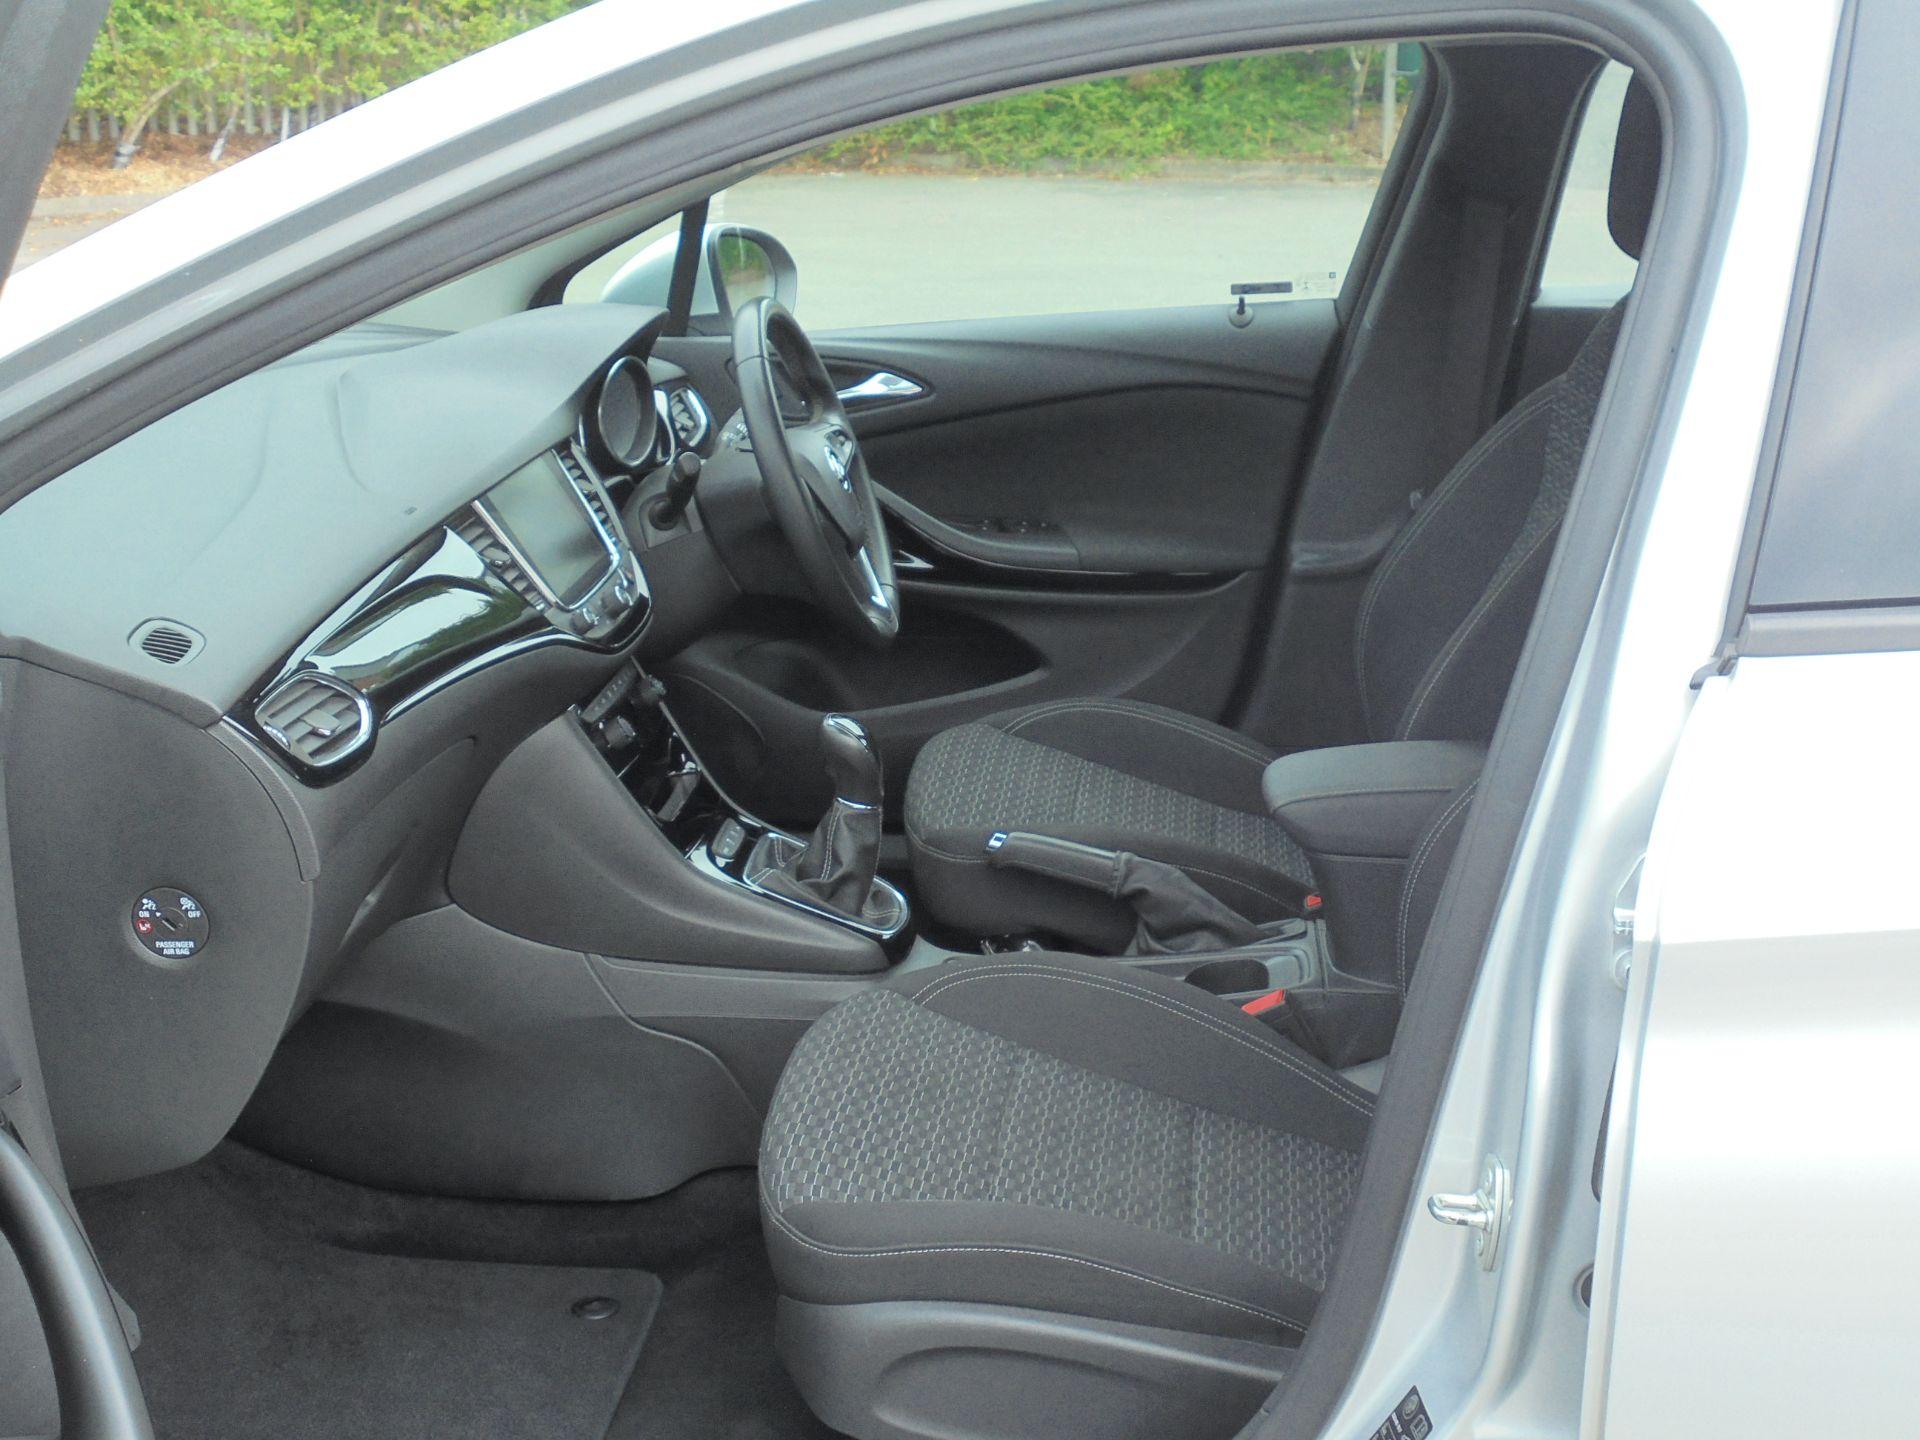 2018 Vauxhall Astra 1.6 Cdti 16V Ecoflex Sri Nav 5Dr (VE18TXA) Image 5